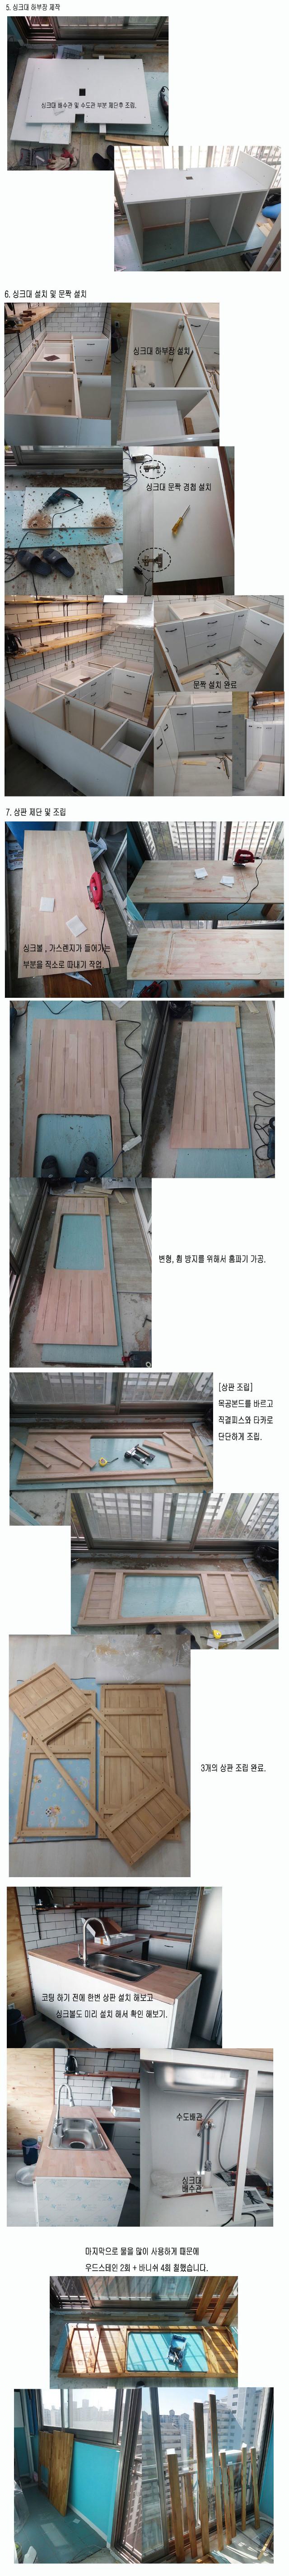 싱크대-제작1-2.jpg